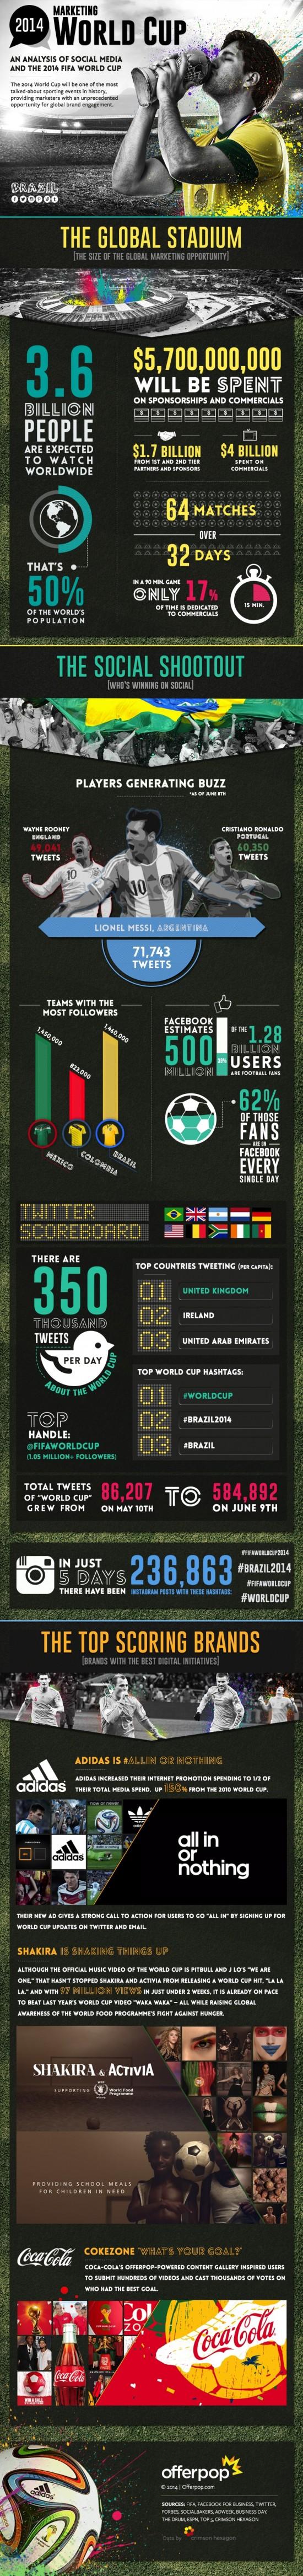 the-2014-marketing-world-cup-infographic_53abbc5e7f59e_w1500